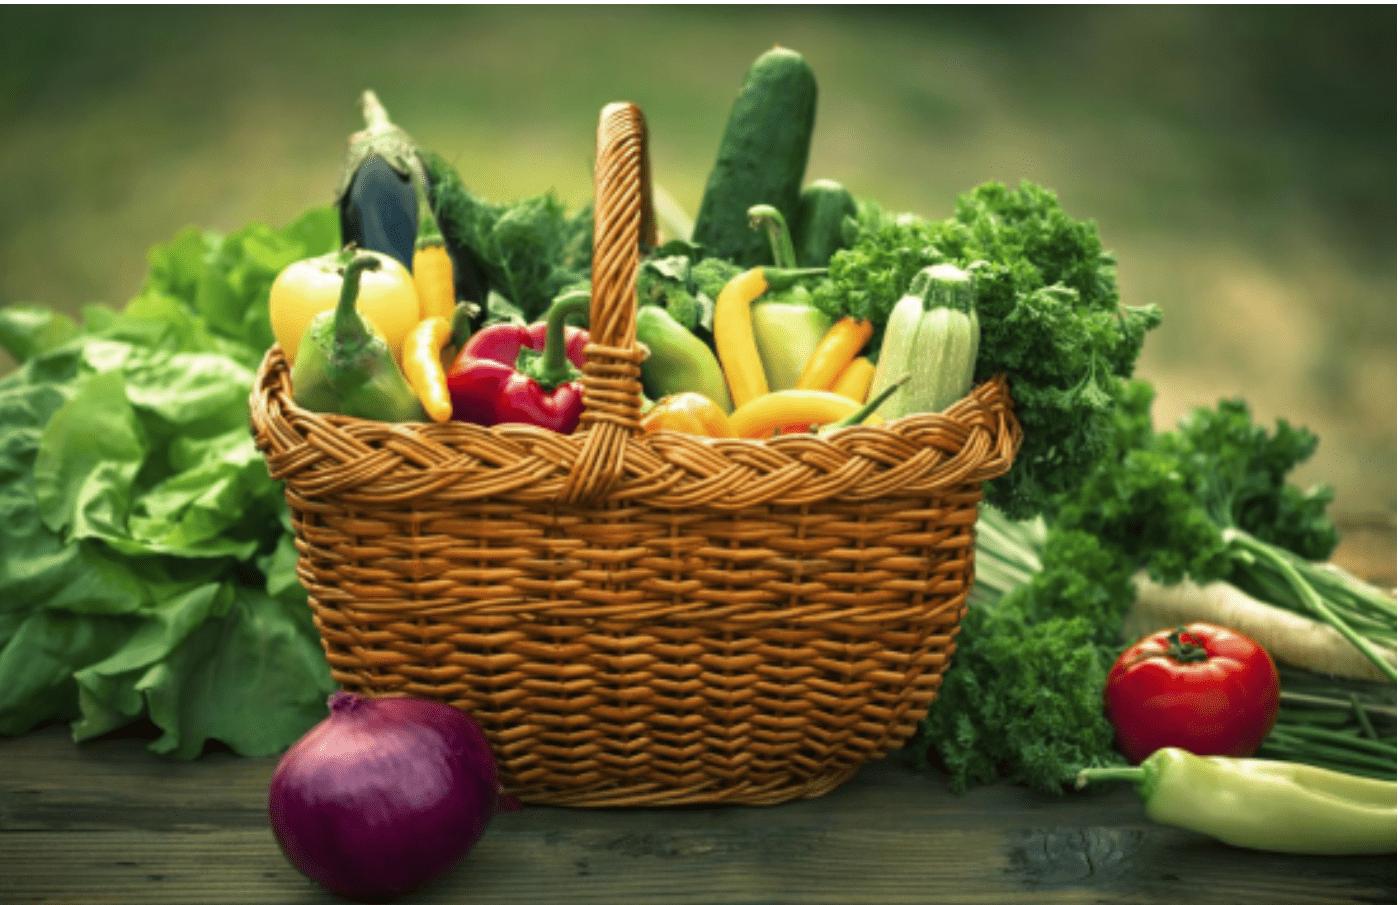 夏天多吃这蔬菜,补充钾元素抗疲劳,加点面粉上锅一蒸比肉都好吃  哪里紫菜好